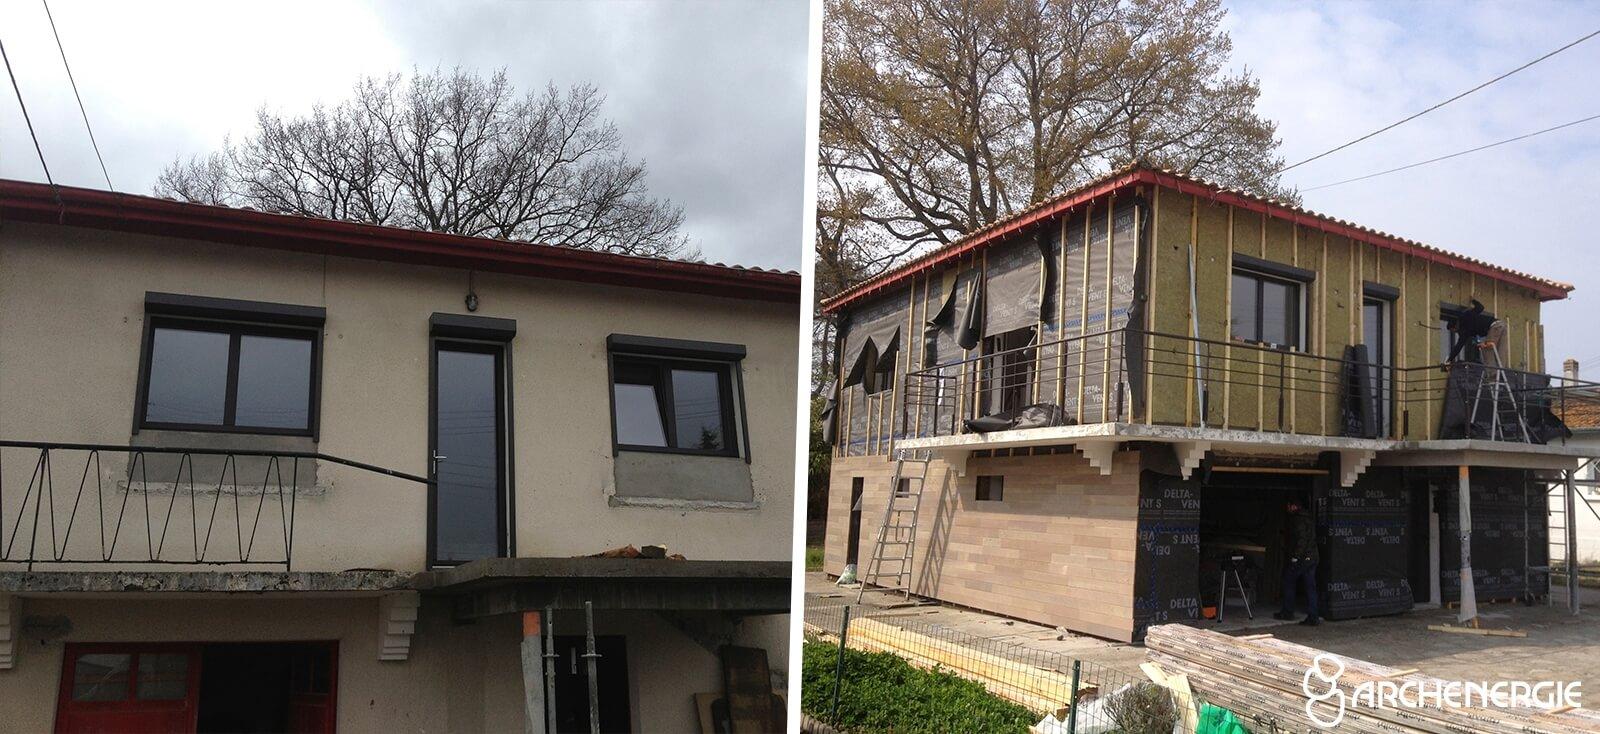 maison ares bassin d'Arcachon gironde 33 - travaux d'isolation extérieure ITE